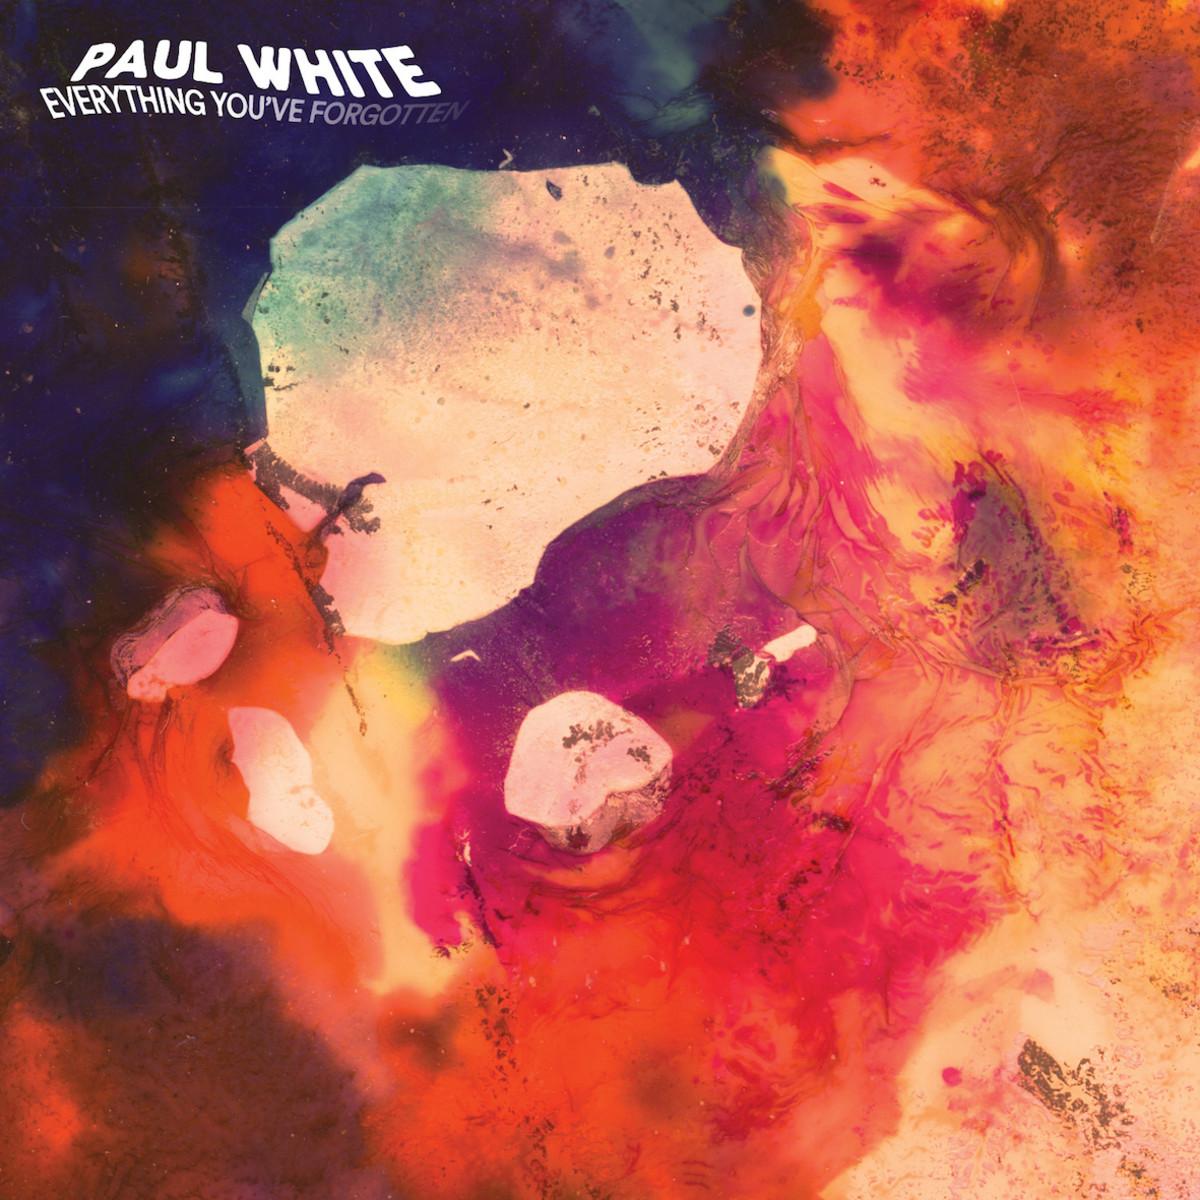 Paul_White_Everything_You_ve_Forgotten_art.jpg